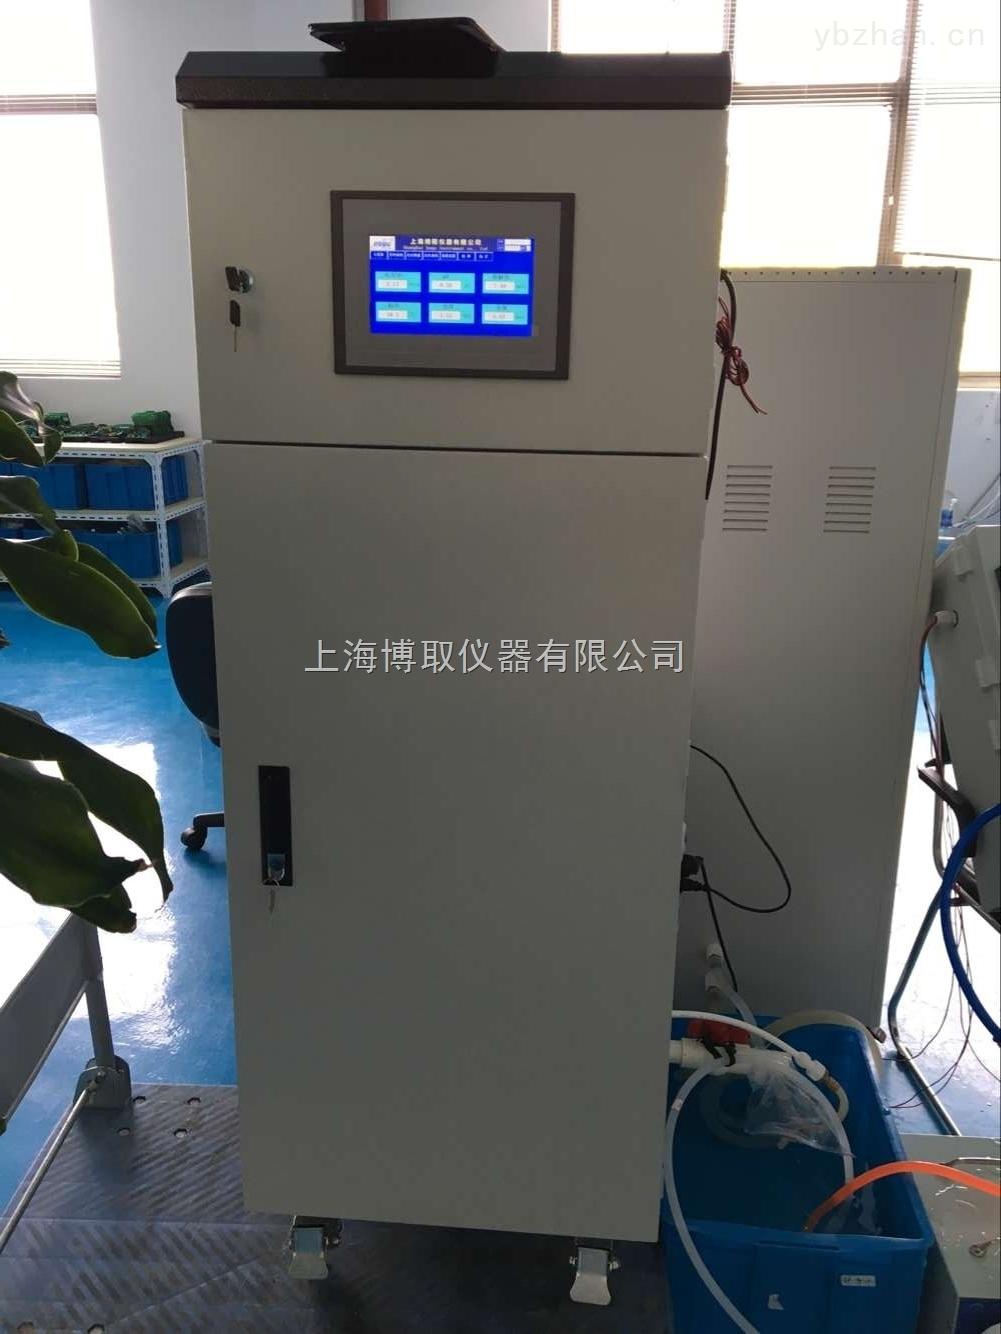 水库,水利局泵站房安装常规五参数监测仪,多参数分析仪